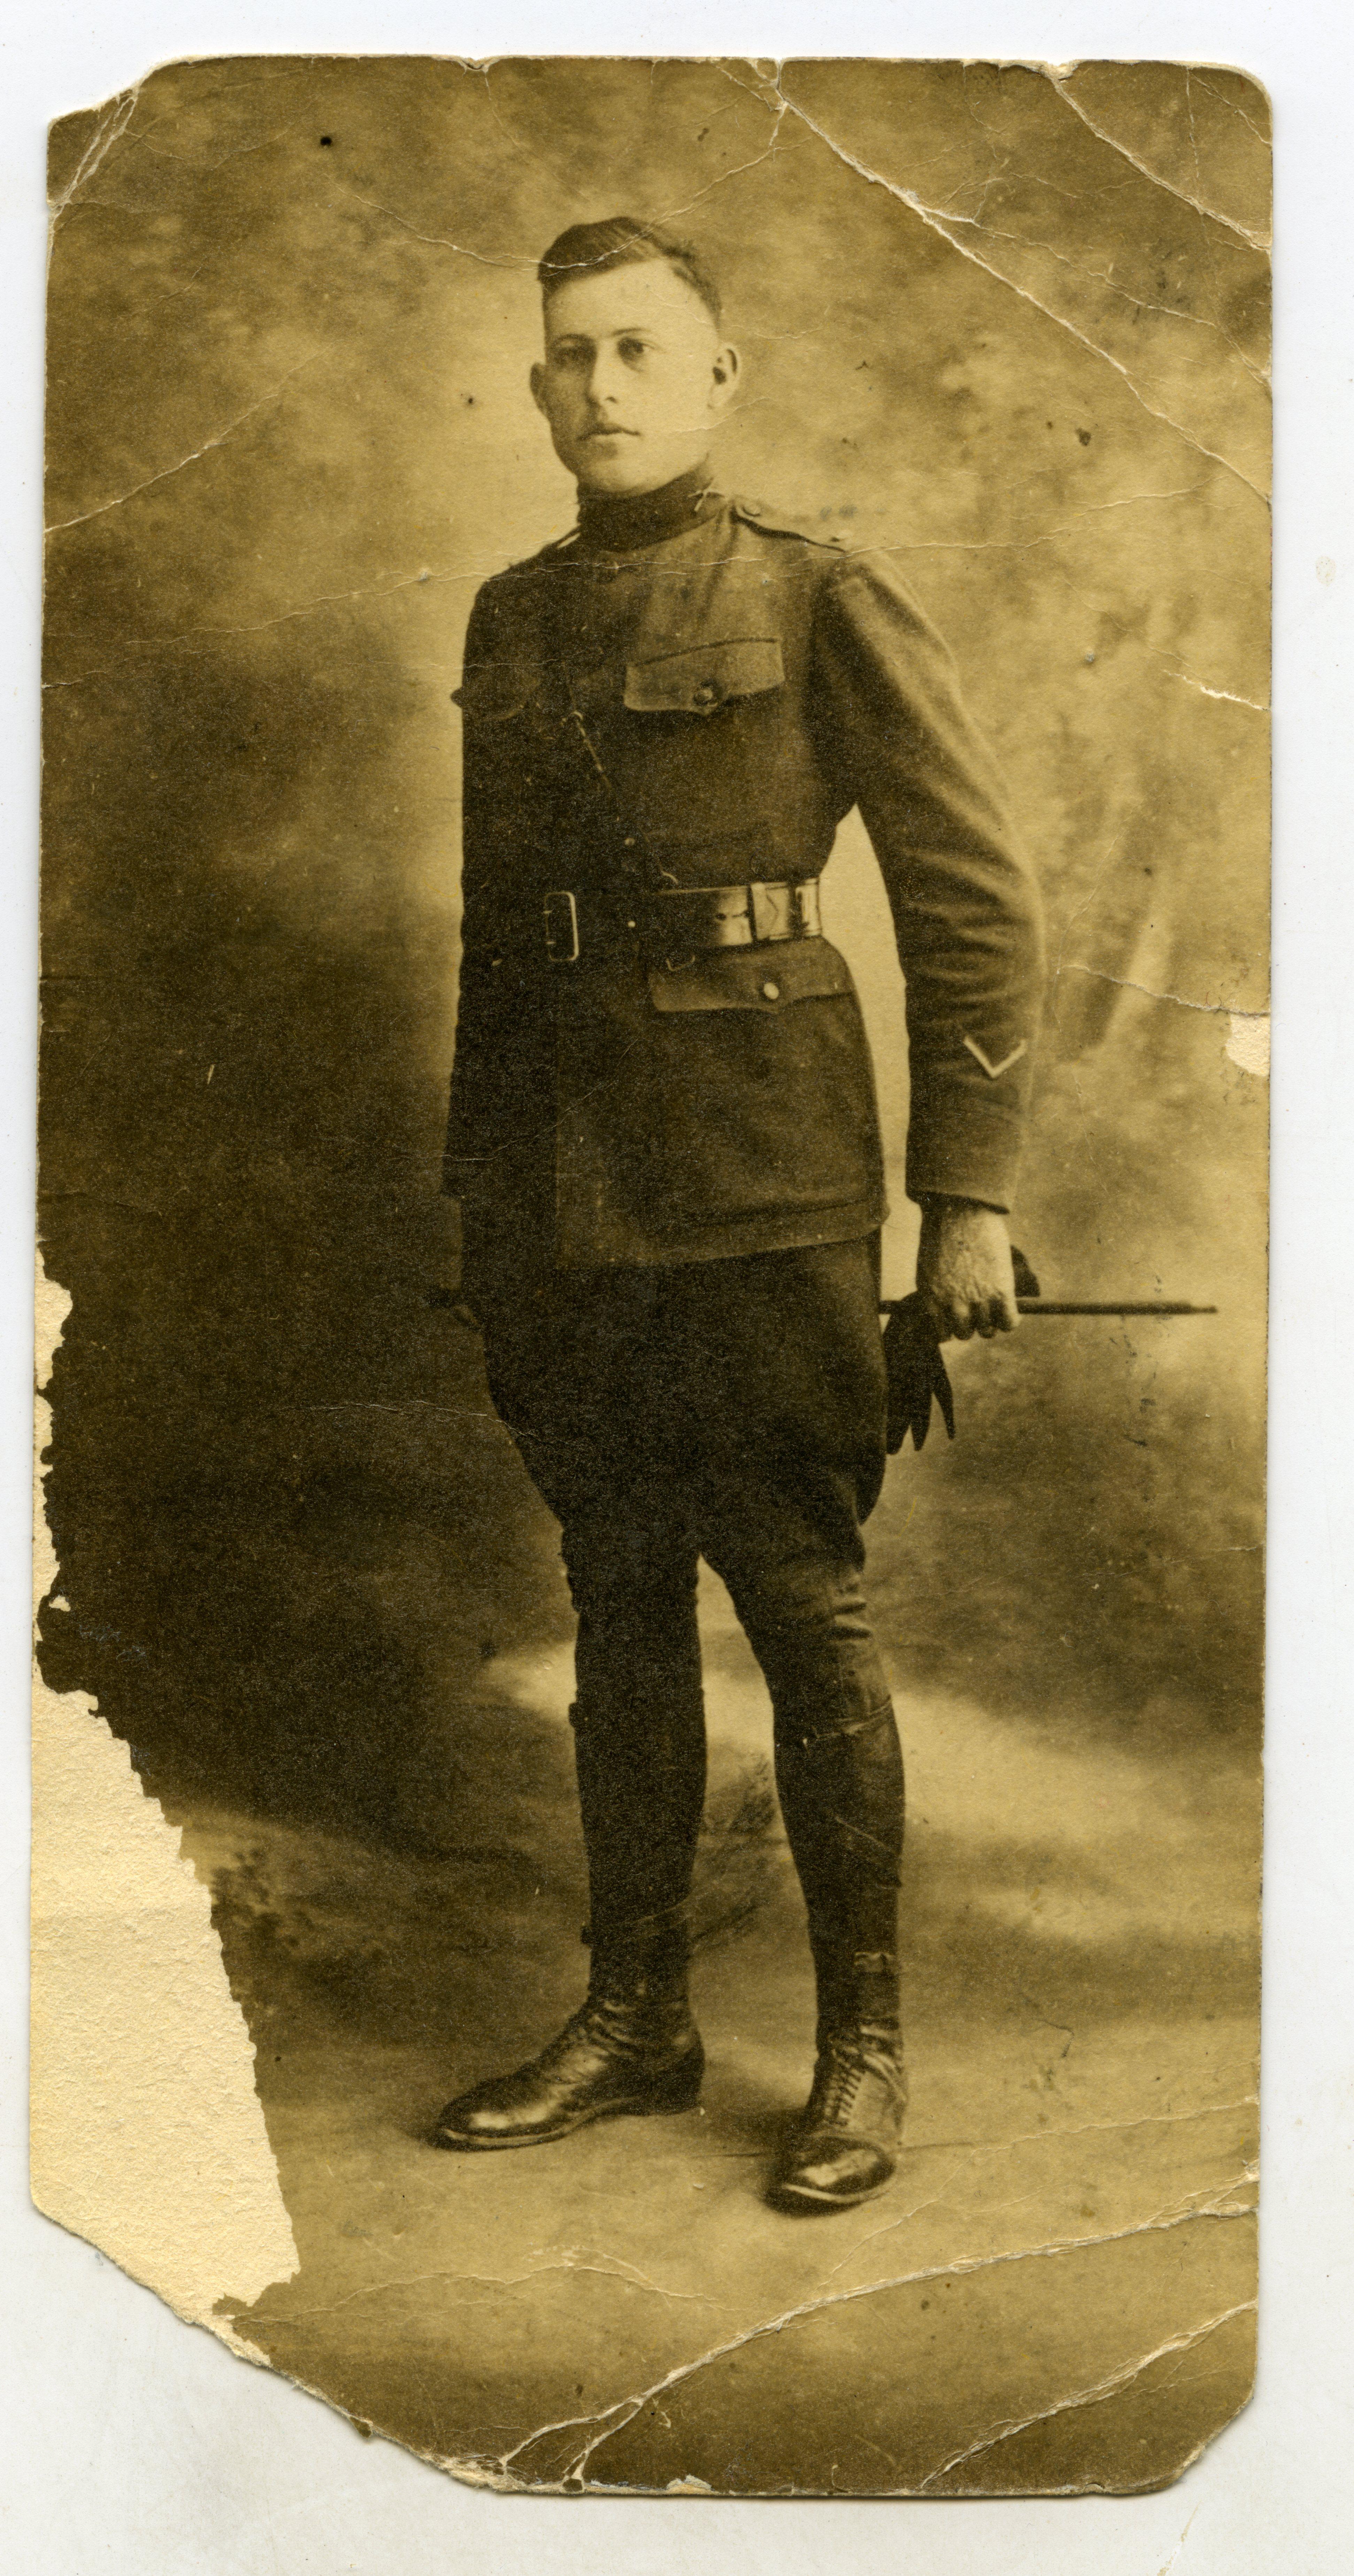 wwi portrait photo lt carl wehner 141st infantry regiment kia at st etienne france. Black Bedroom Furniture Sets. Home Design Ideas